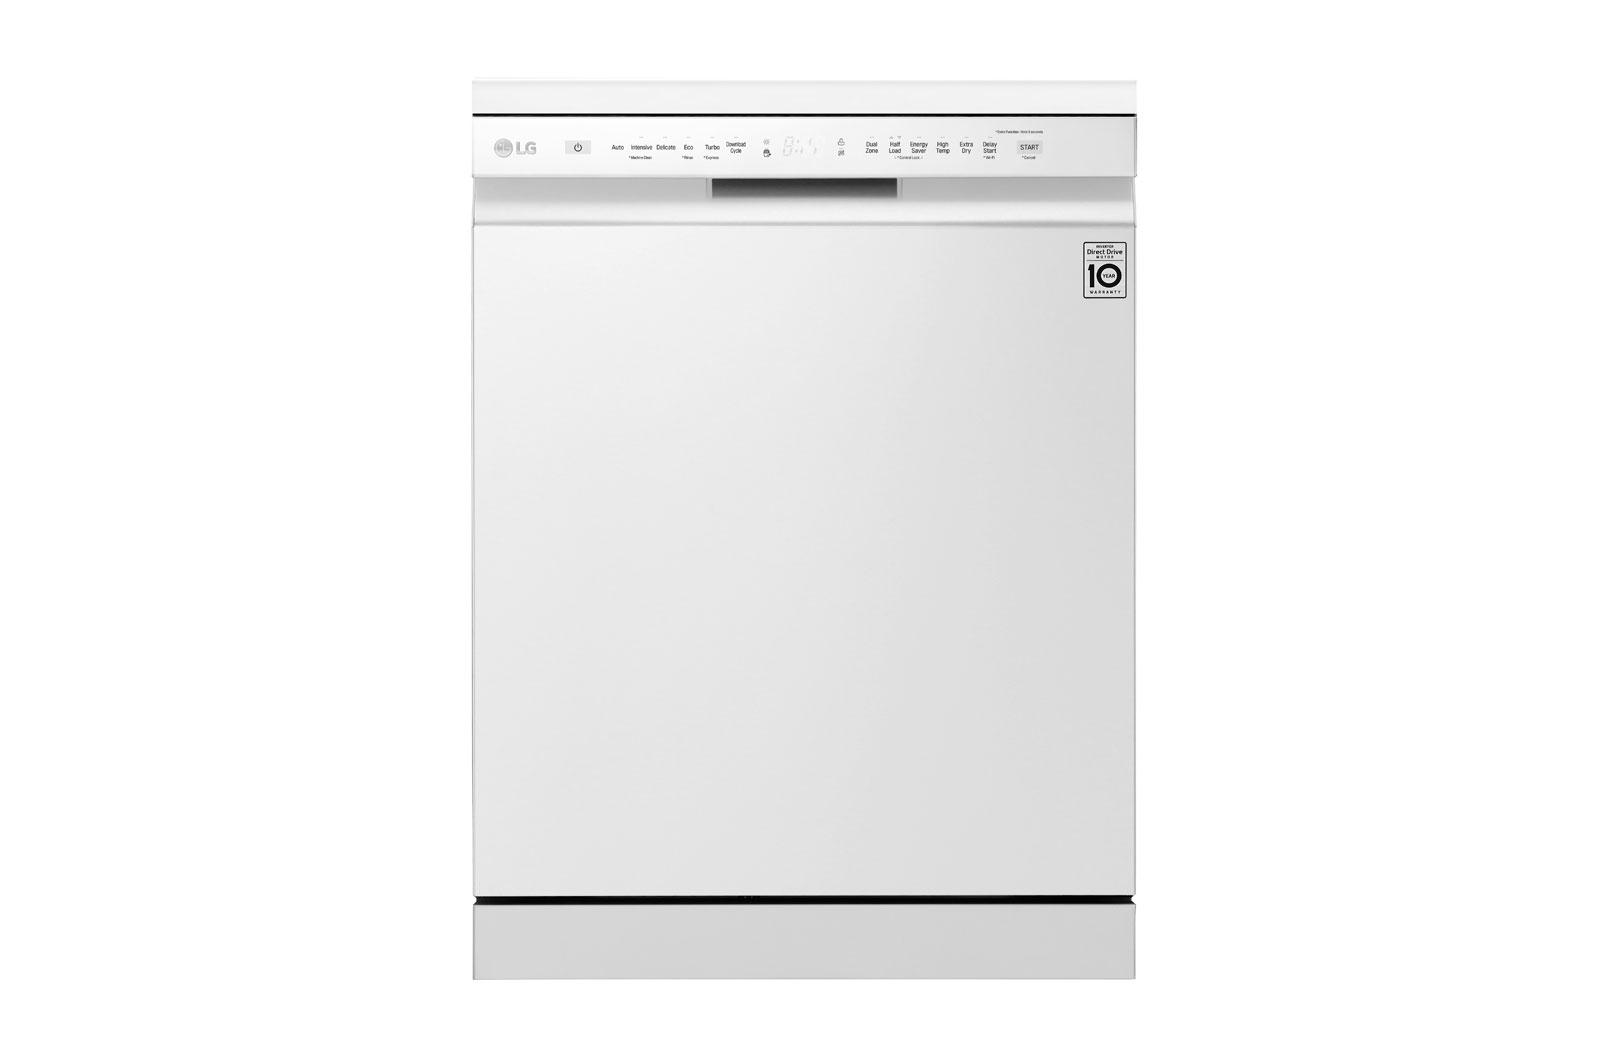 Πλυντήριο Πιάτων με τεχνολογία QuadWash™  - DF212FW main image